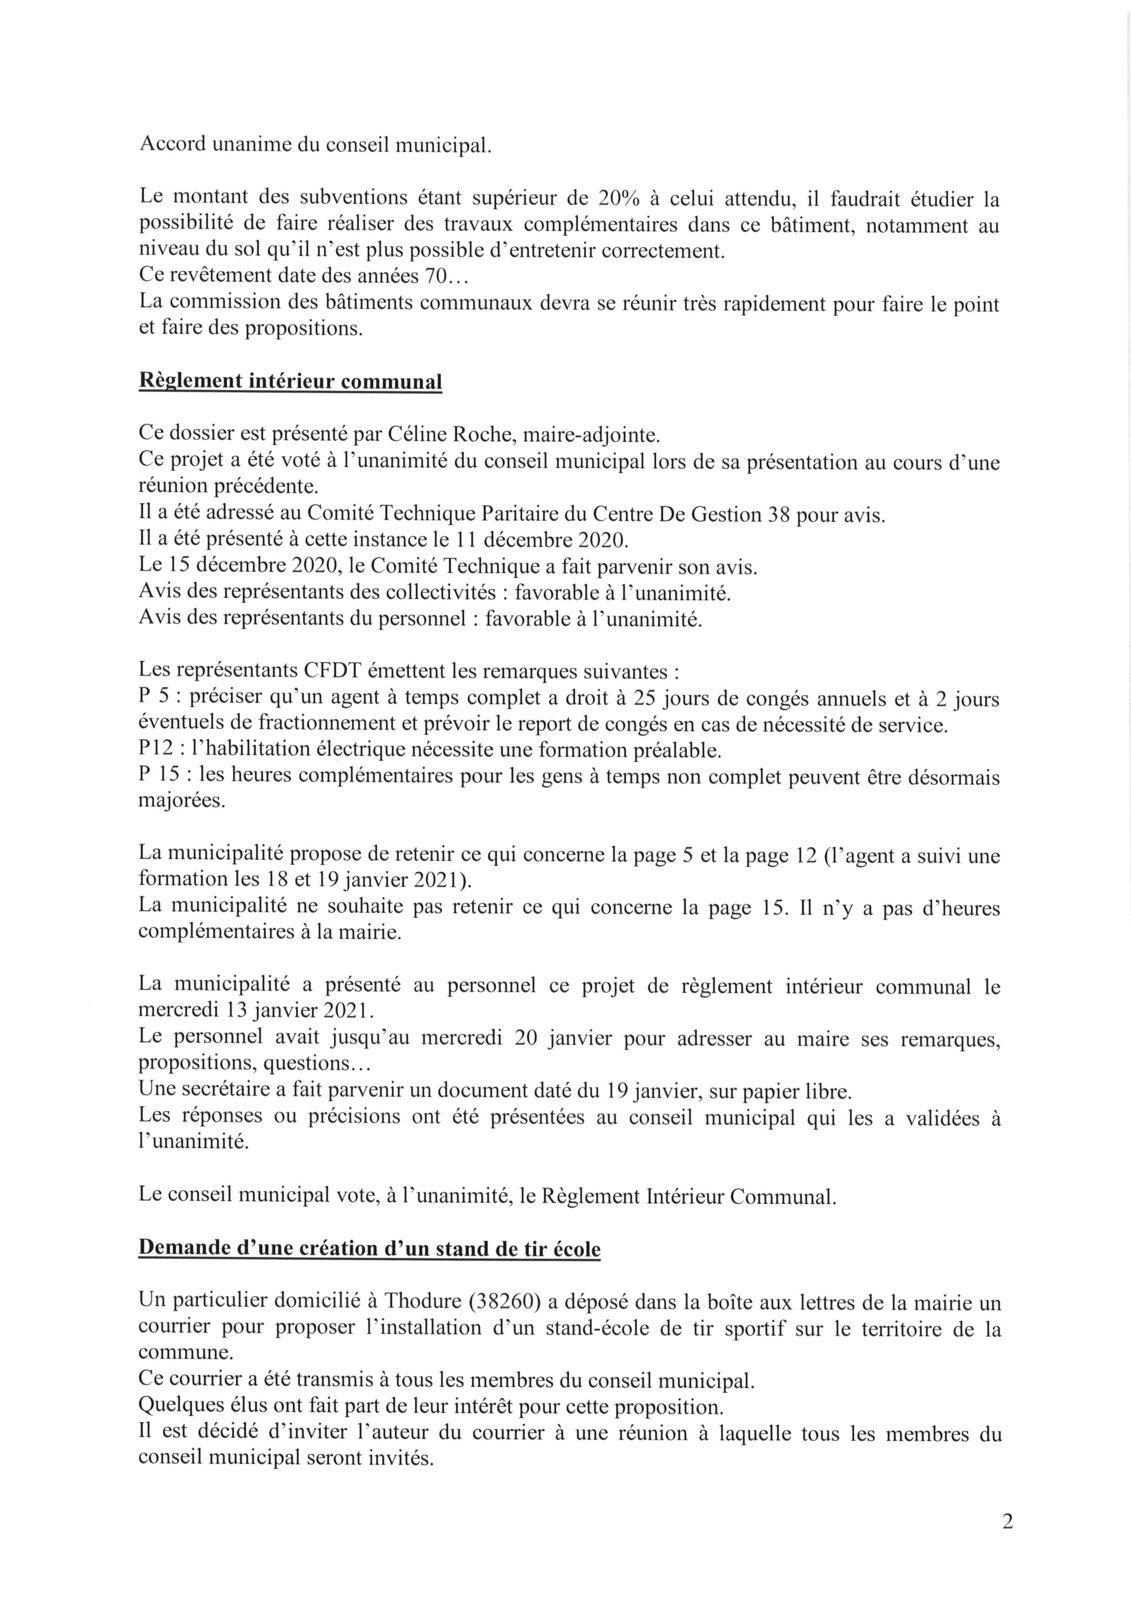 COMPTE RENDU DU CONSEIL MUNICIPAL DU 21 JANVIER 2021